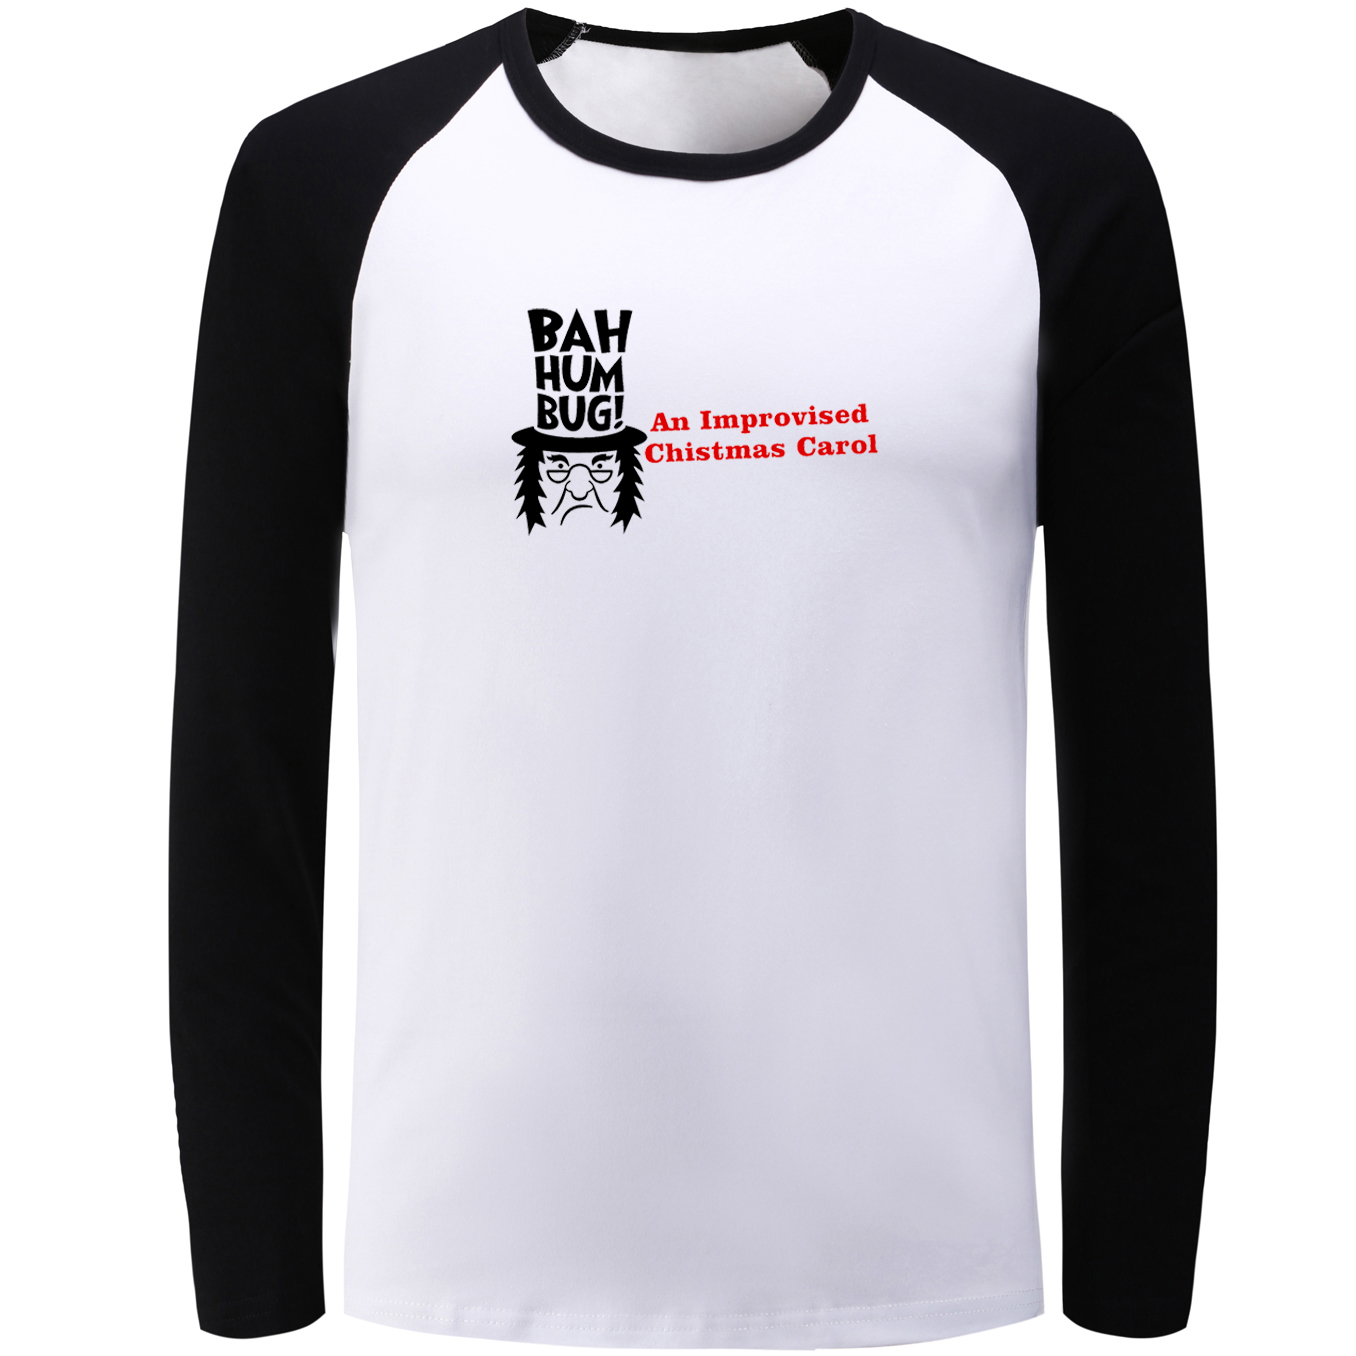 Idzn Мода реглан футболка с длинными рукавами Бах Вздор импровизированный Рождество Кэрол Графический Футболка Для мужчин Для женщин мальчи...